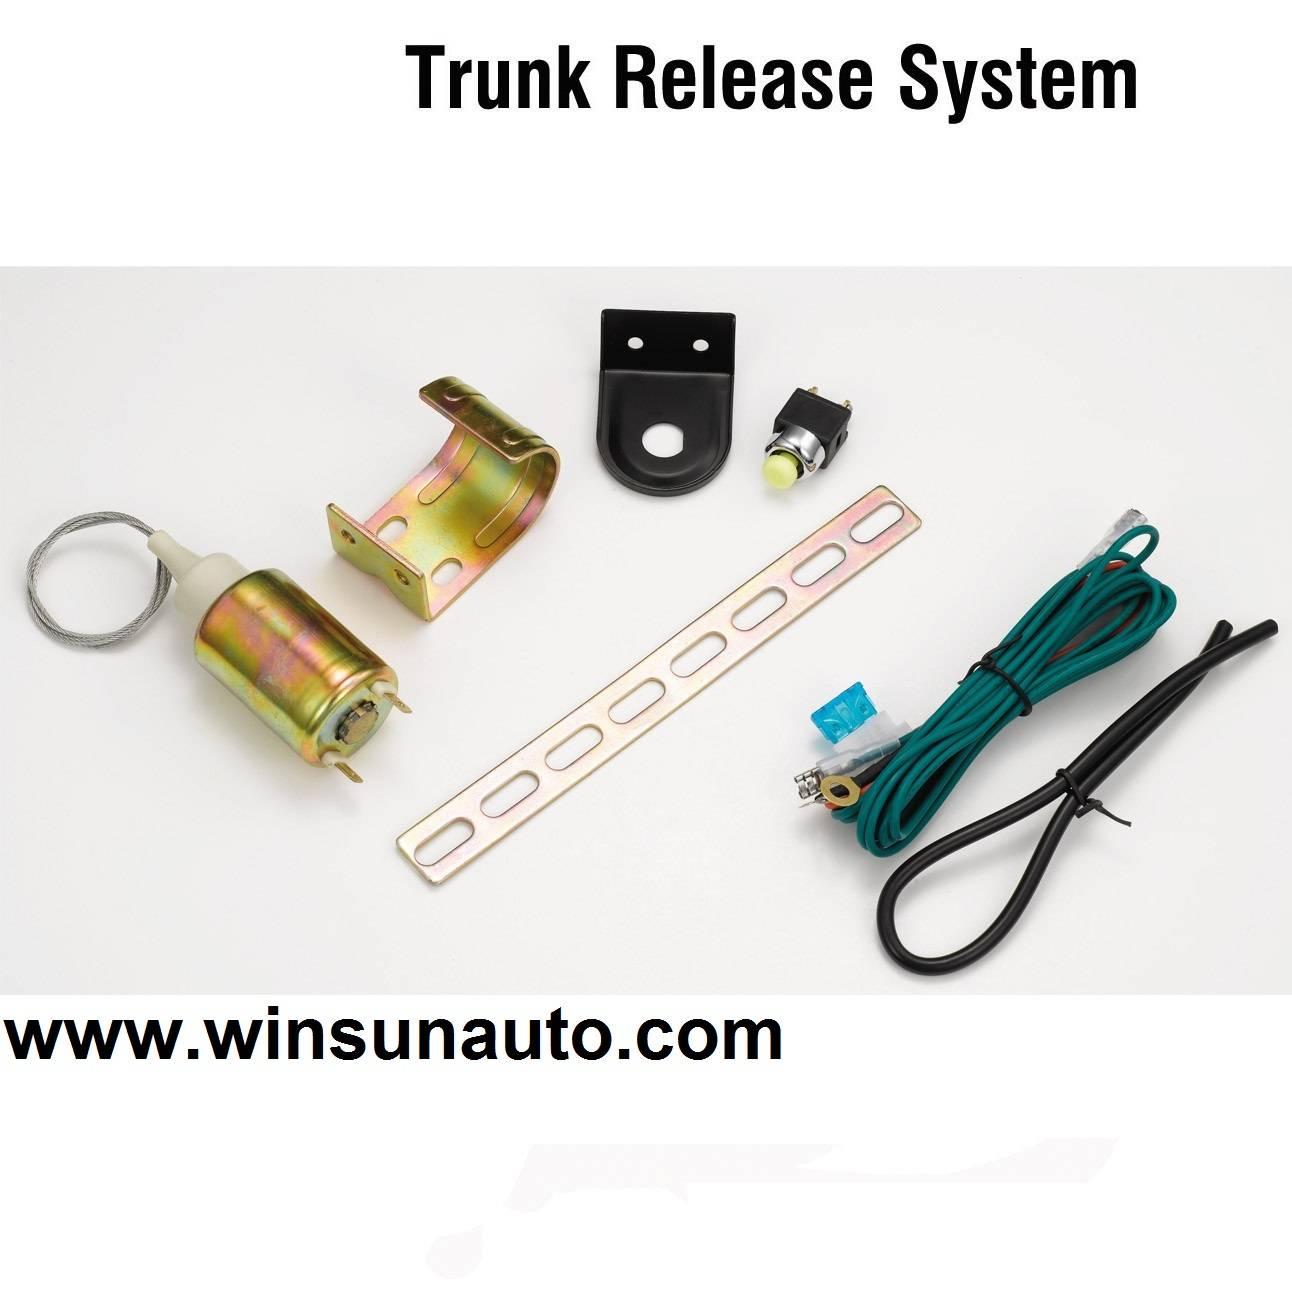 Trunk Release kit